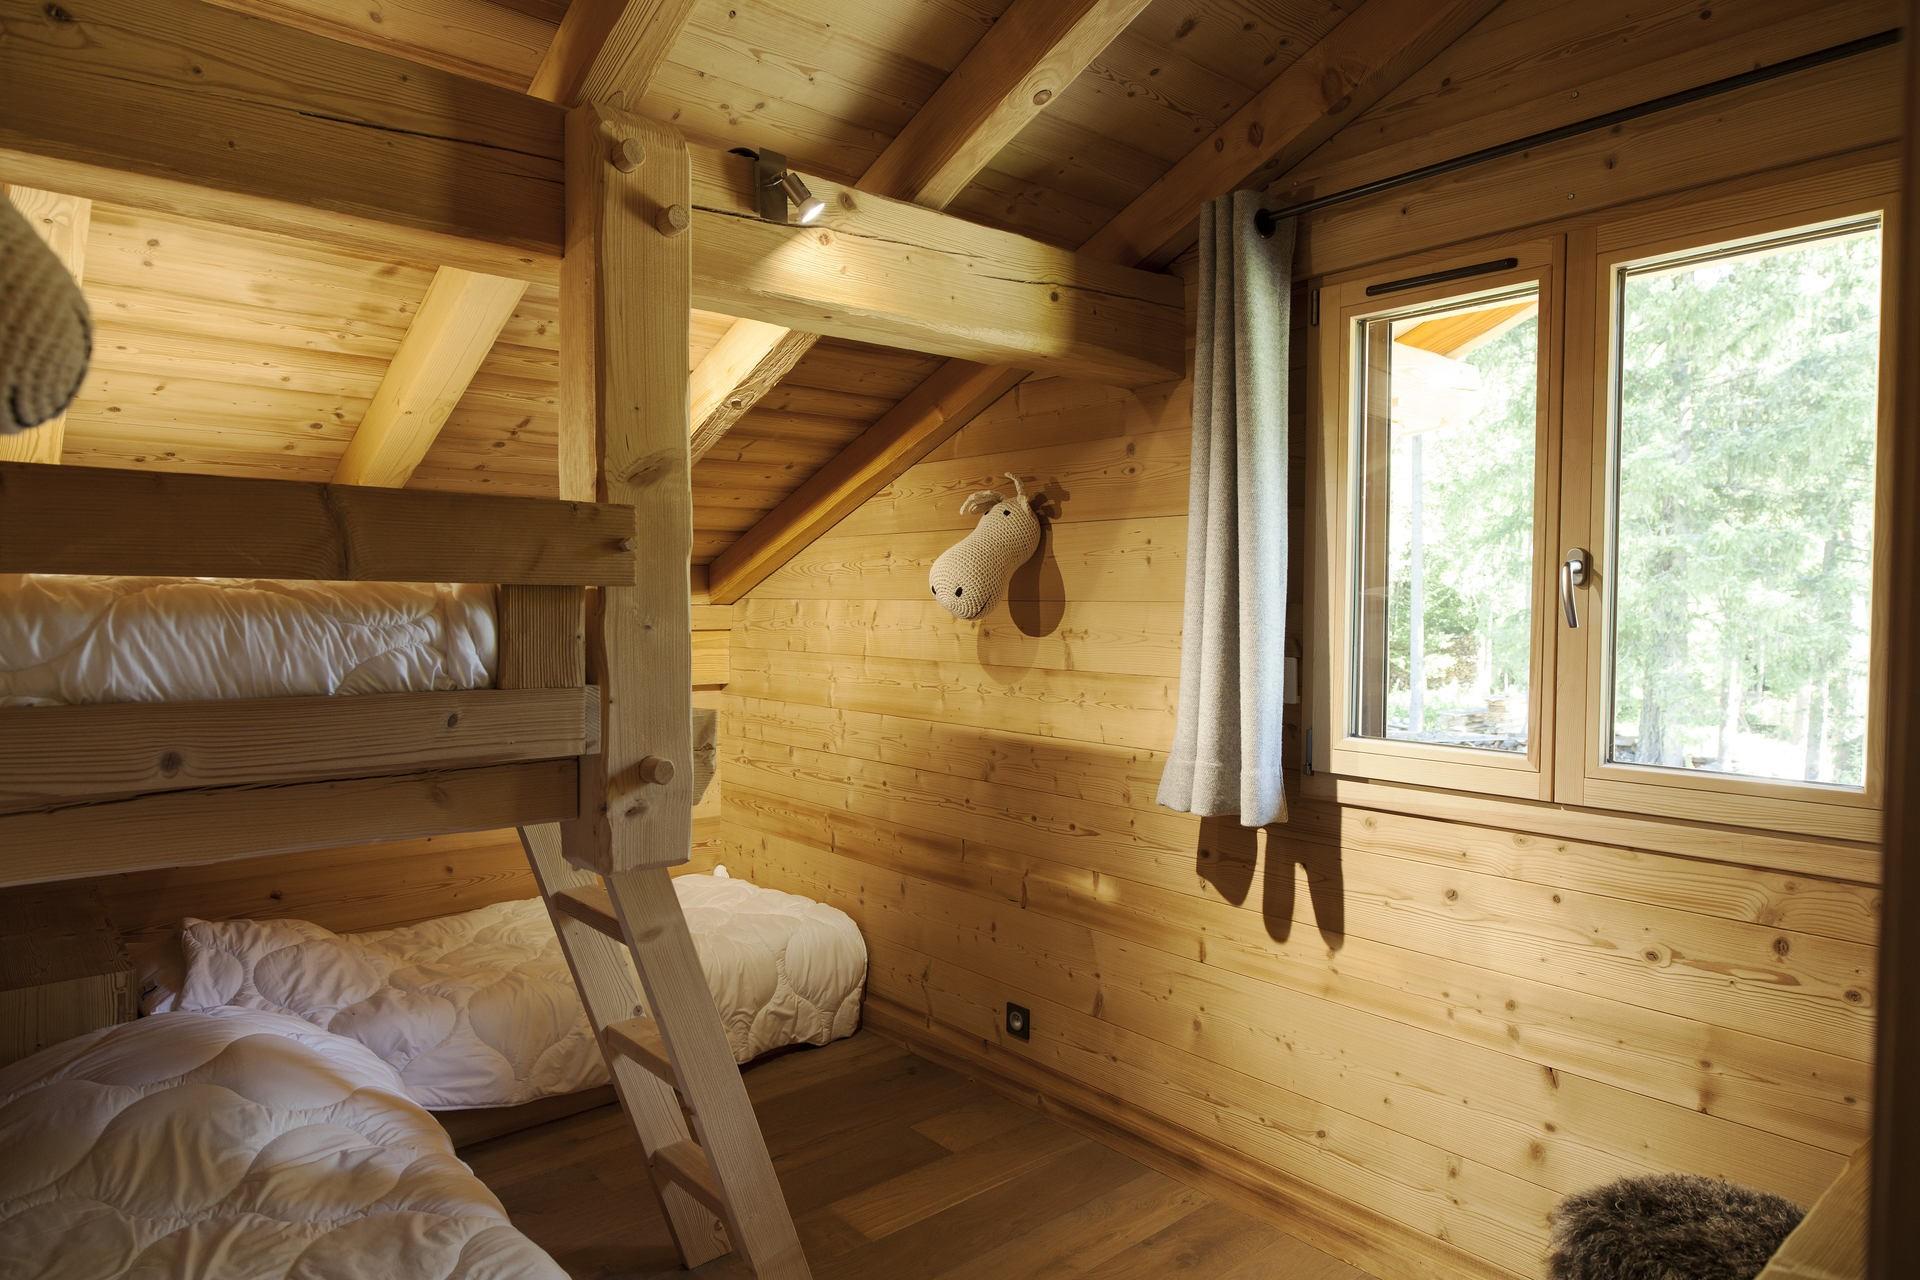 Chamonix Luxury Rental Chalet Cristy Bedroom 4